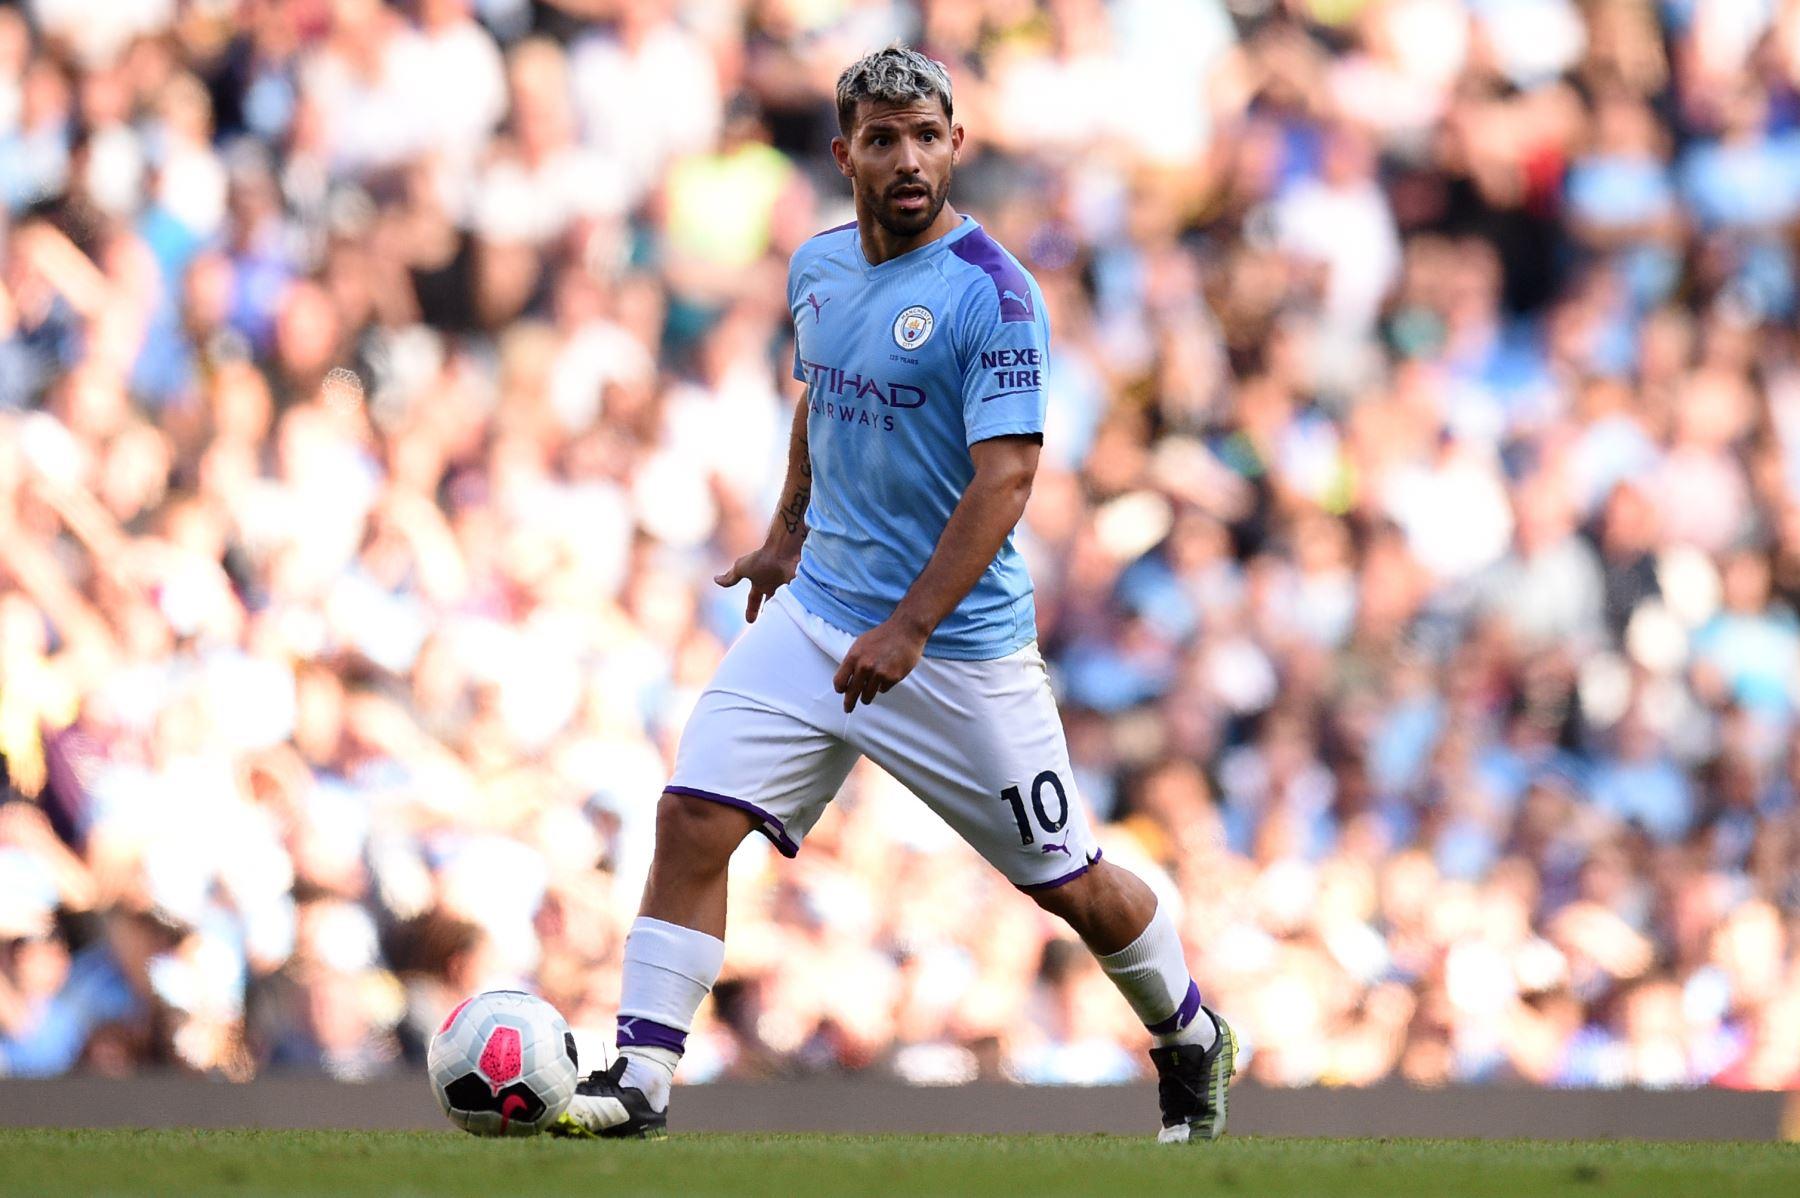 El delantero argentino del Manchester City, Sergio Agüero, controla el balón durante el partido de fútbol de la Premier League inglesa entre Manchester City y Watford. Foto:AFP